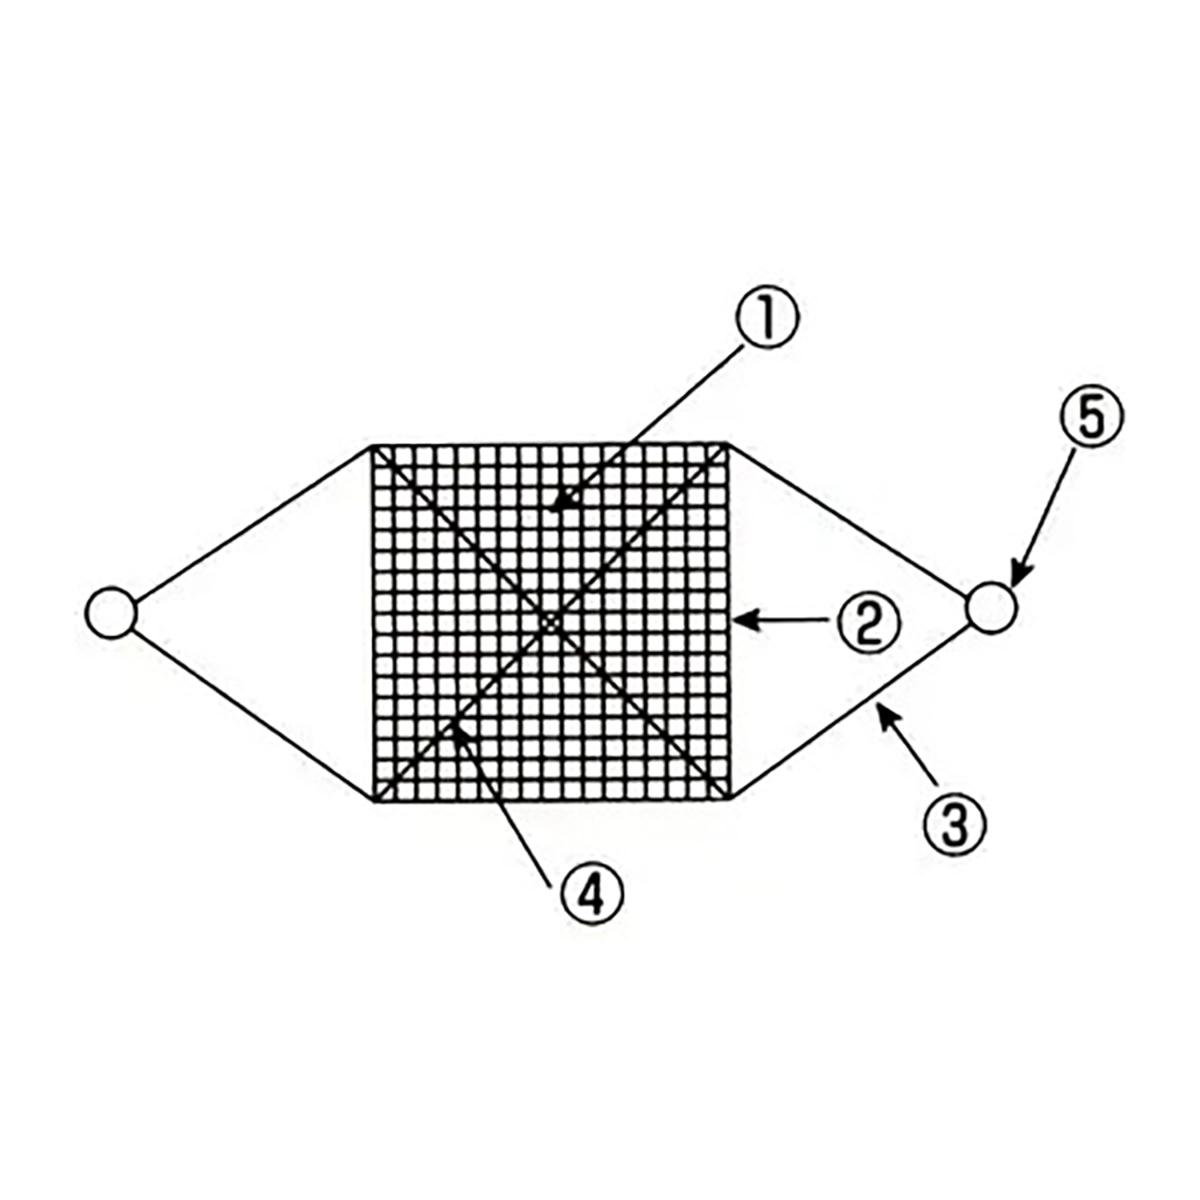 ワイヤーモッコ シート付 1.8m角  網目サイズ150mm